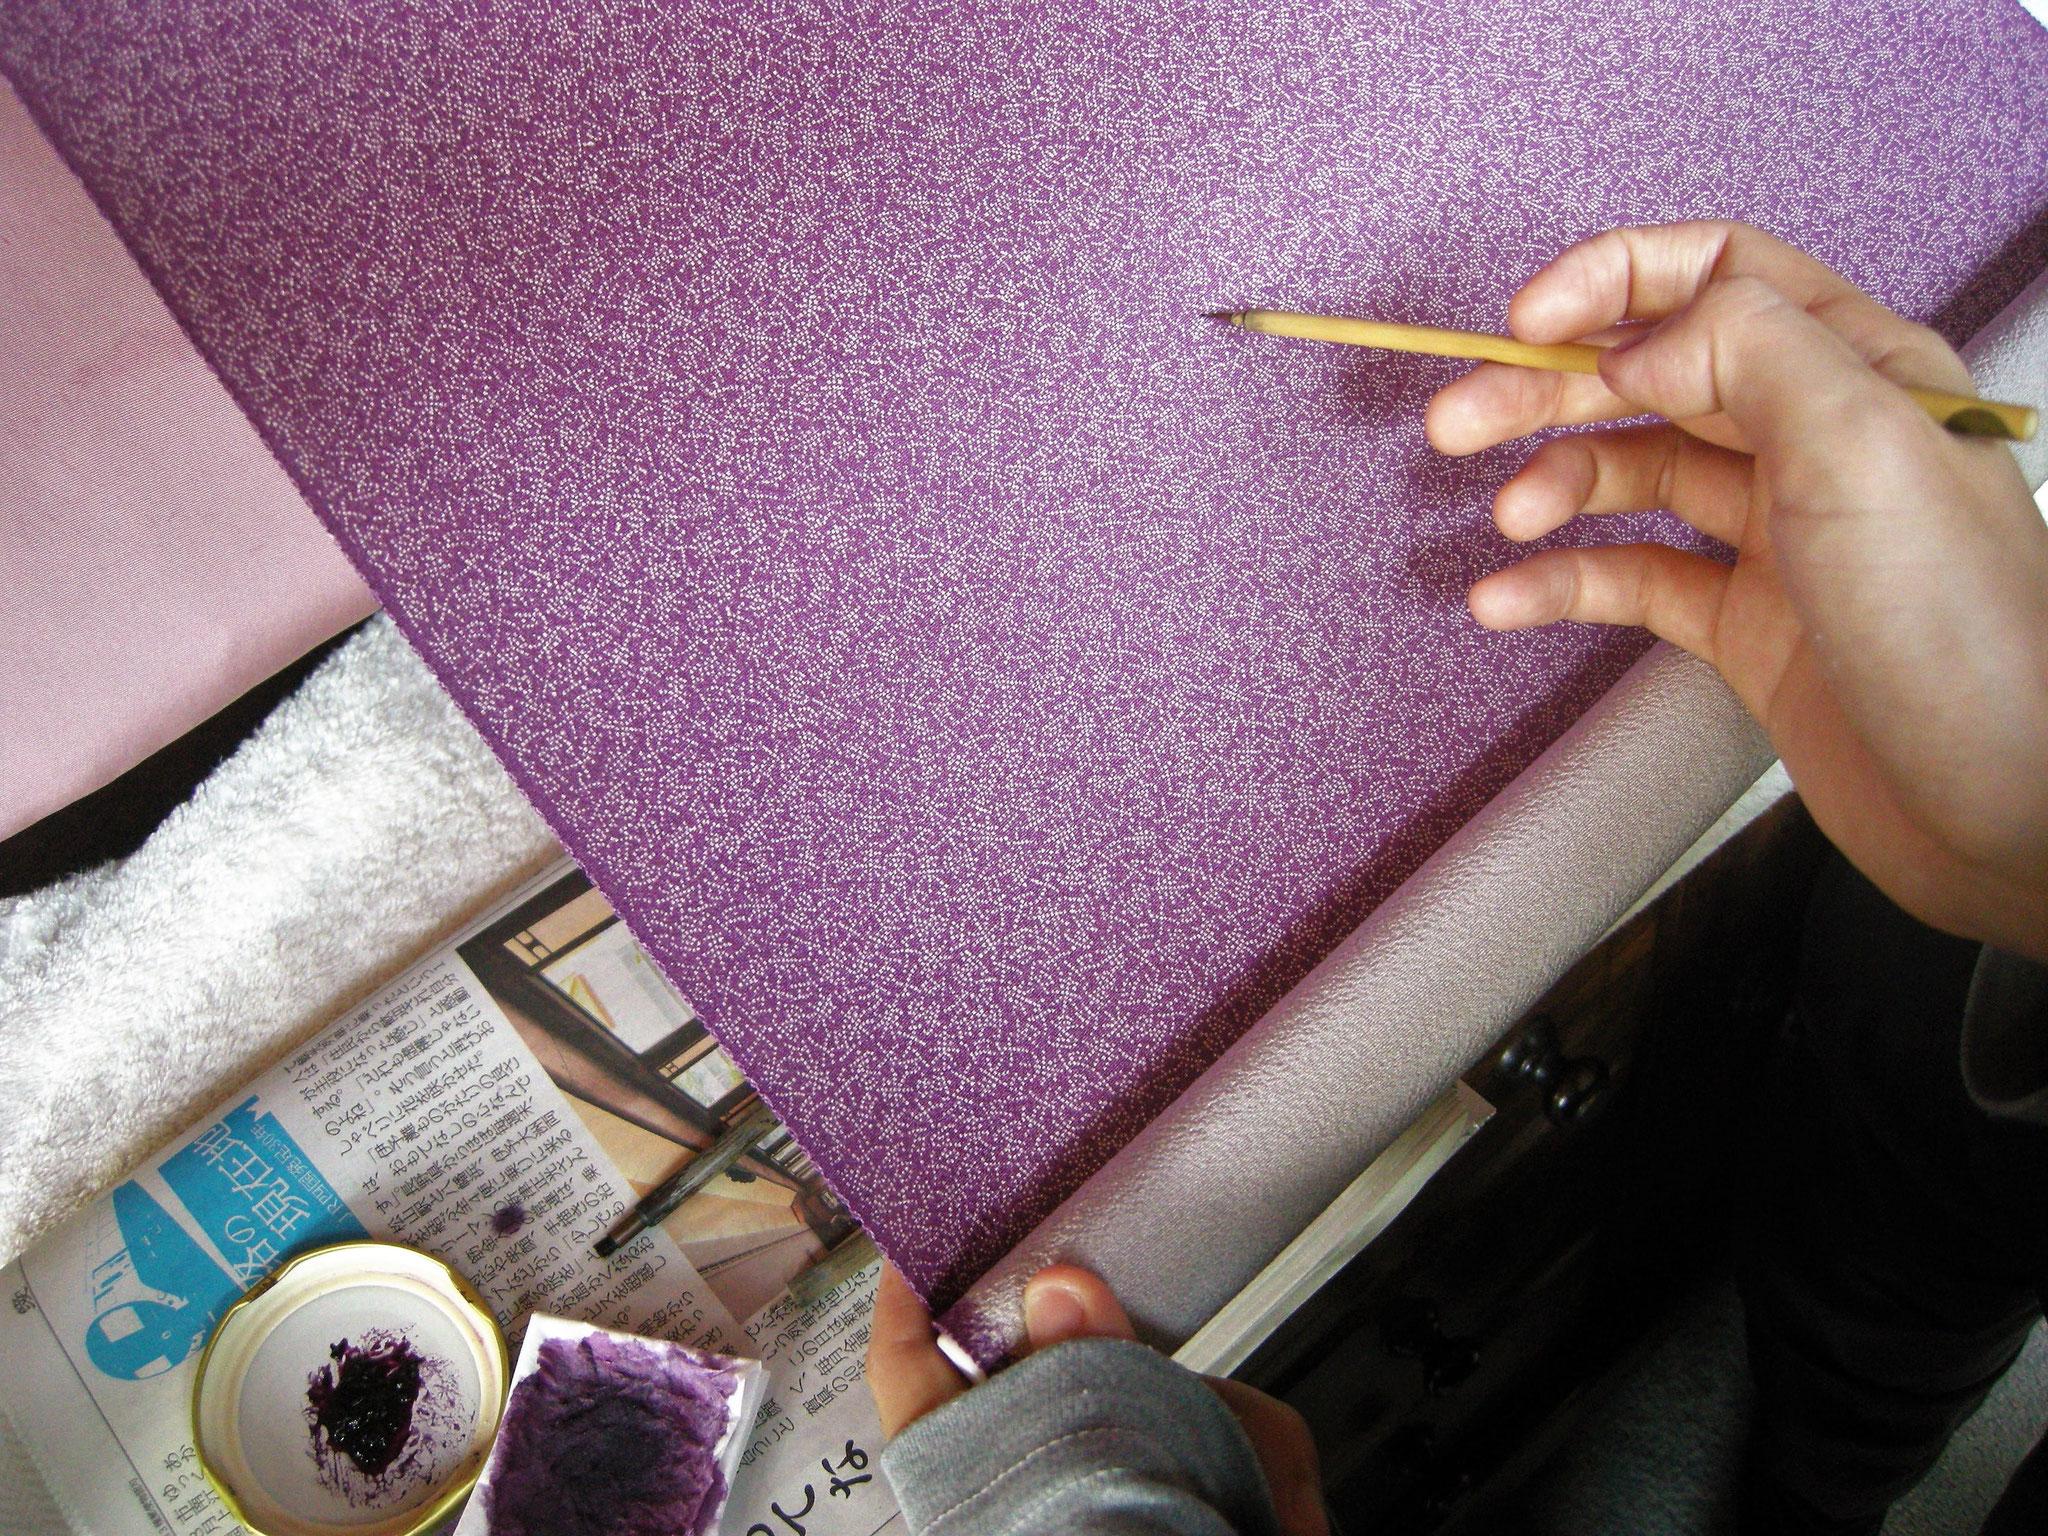 ⦅工程6 地直し⦆染むらや型紙のつなぎ目が目立たないように、筆や小刷毛に染料をのせて色が均等になるように丹念に修正する。